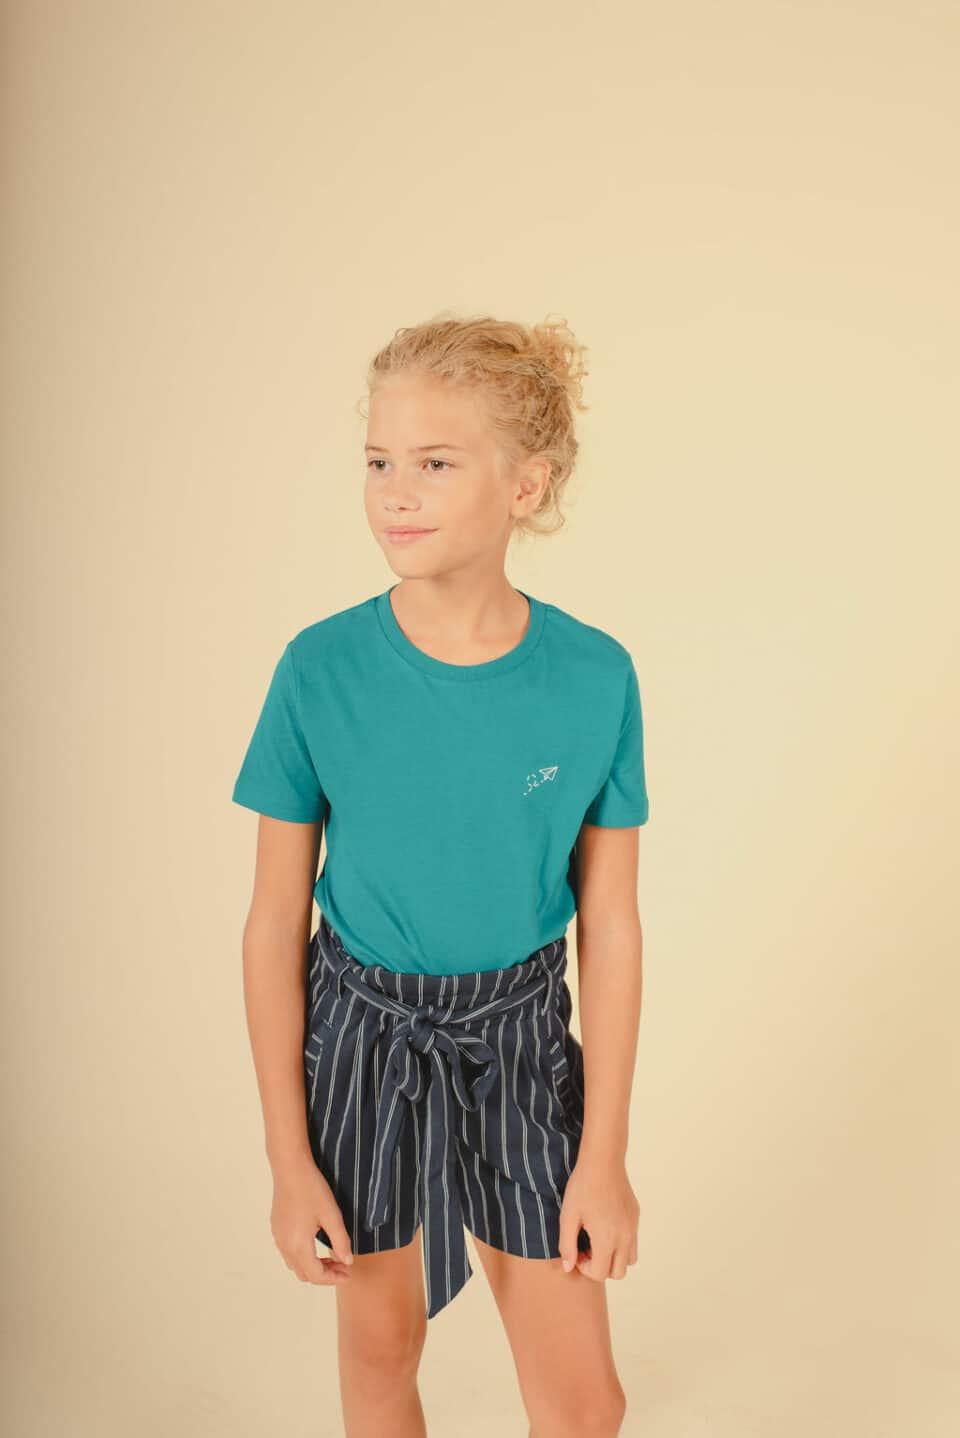 kiddø - T-shirt - Girl